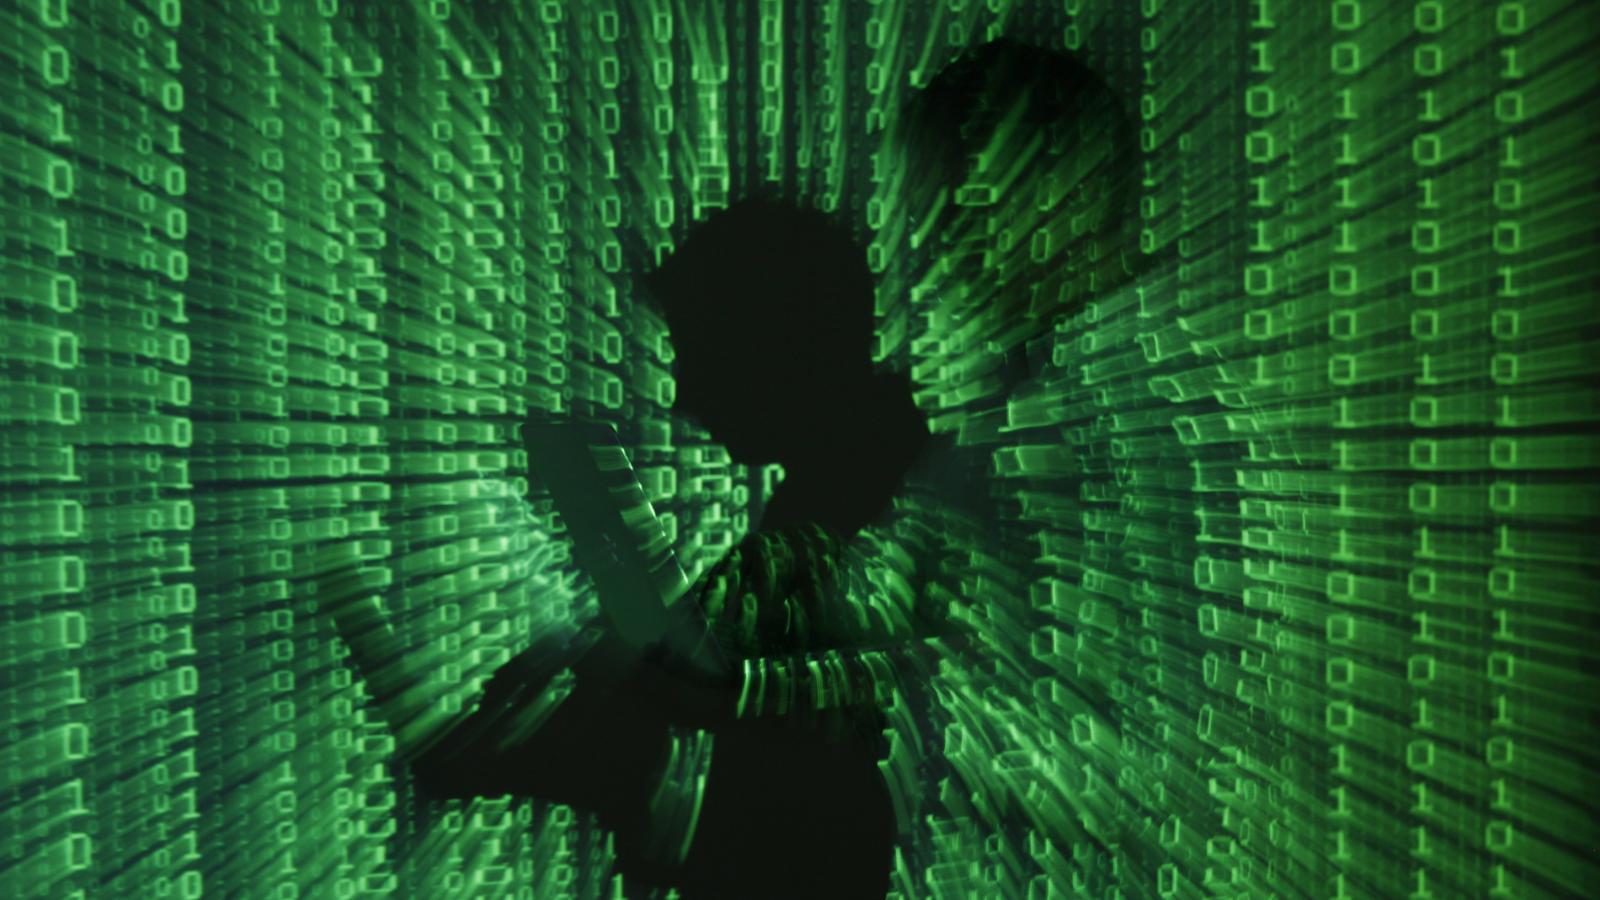 Hình ảnh hacker cực đẹp mắt